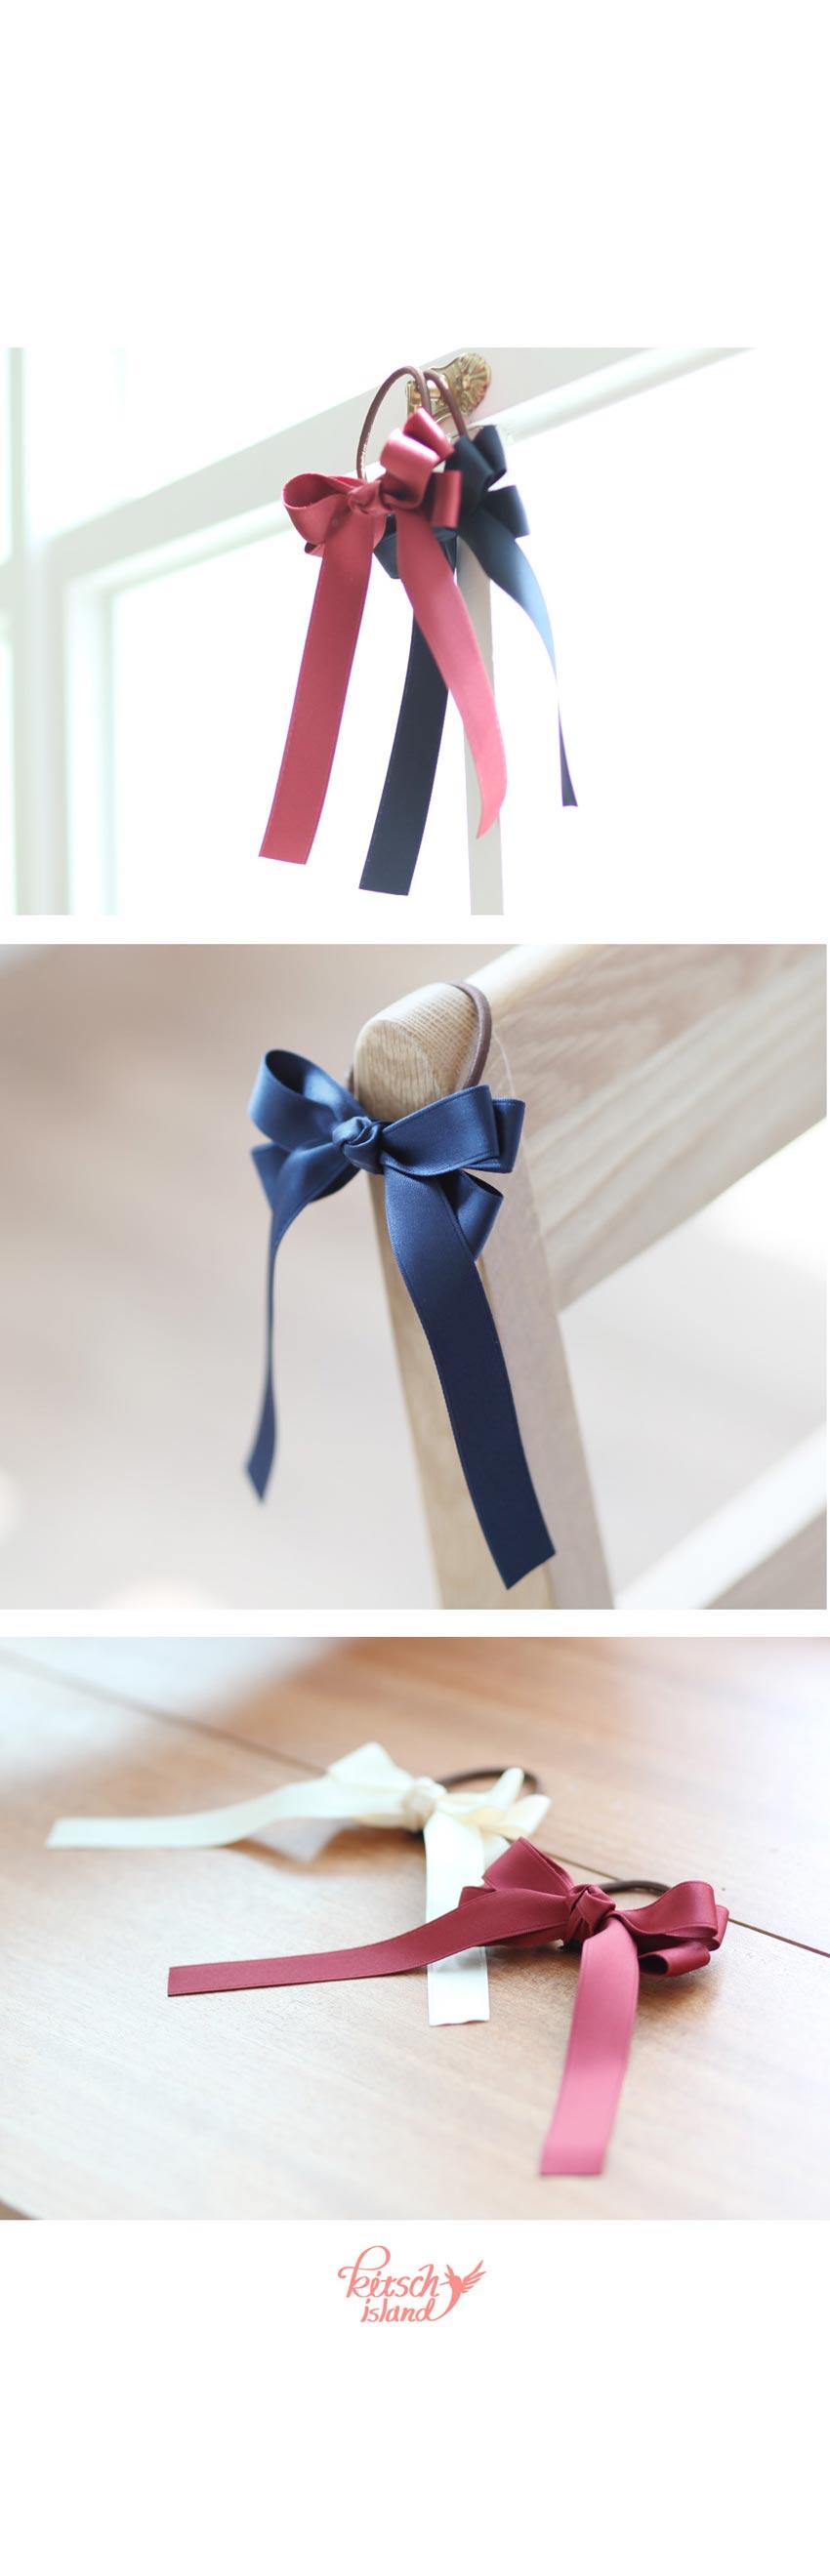 슬림 리본 테일 머리끈 - 키치아일랜드, 3,500원, 헤어핀/밴드/끈, 헤어핀/끈